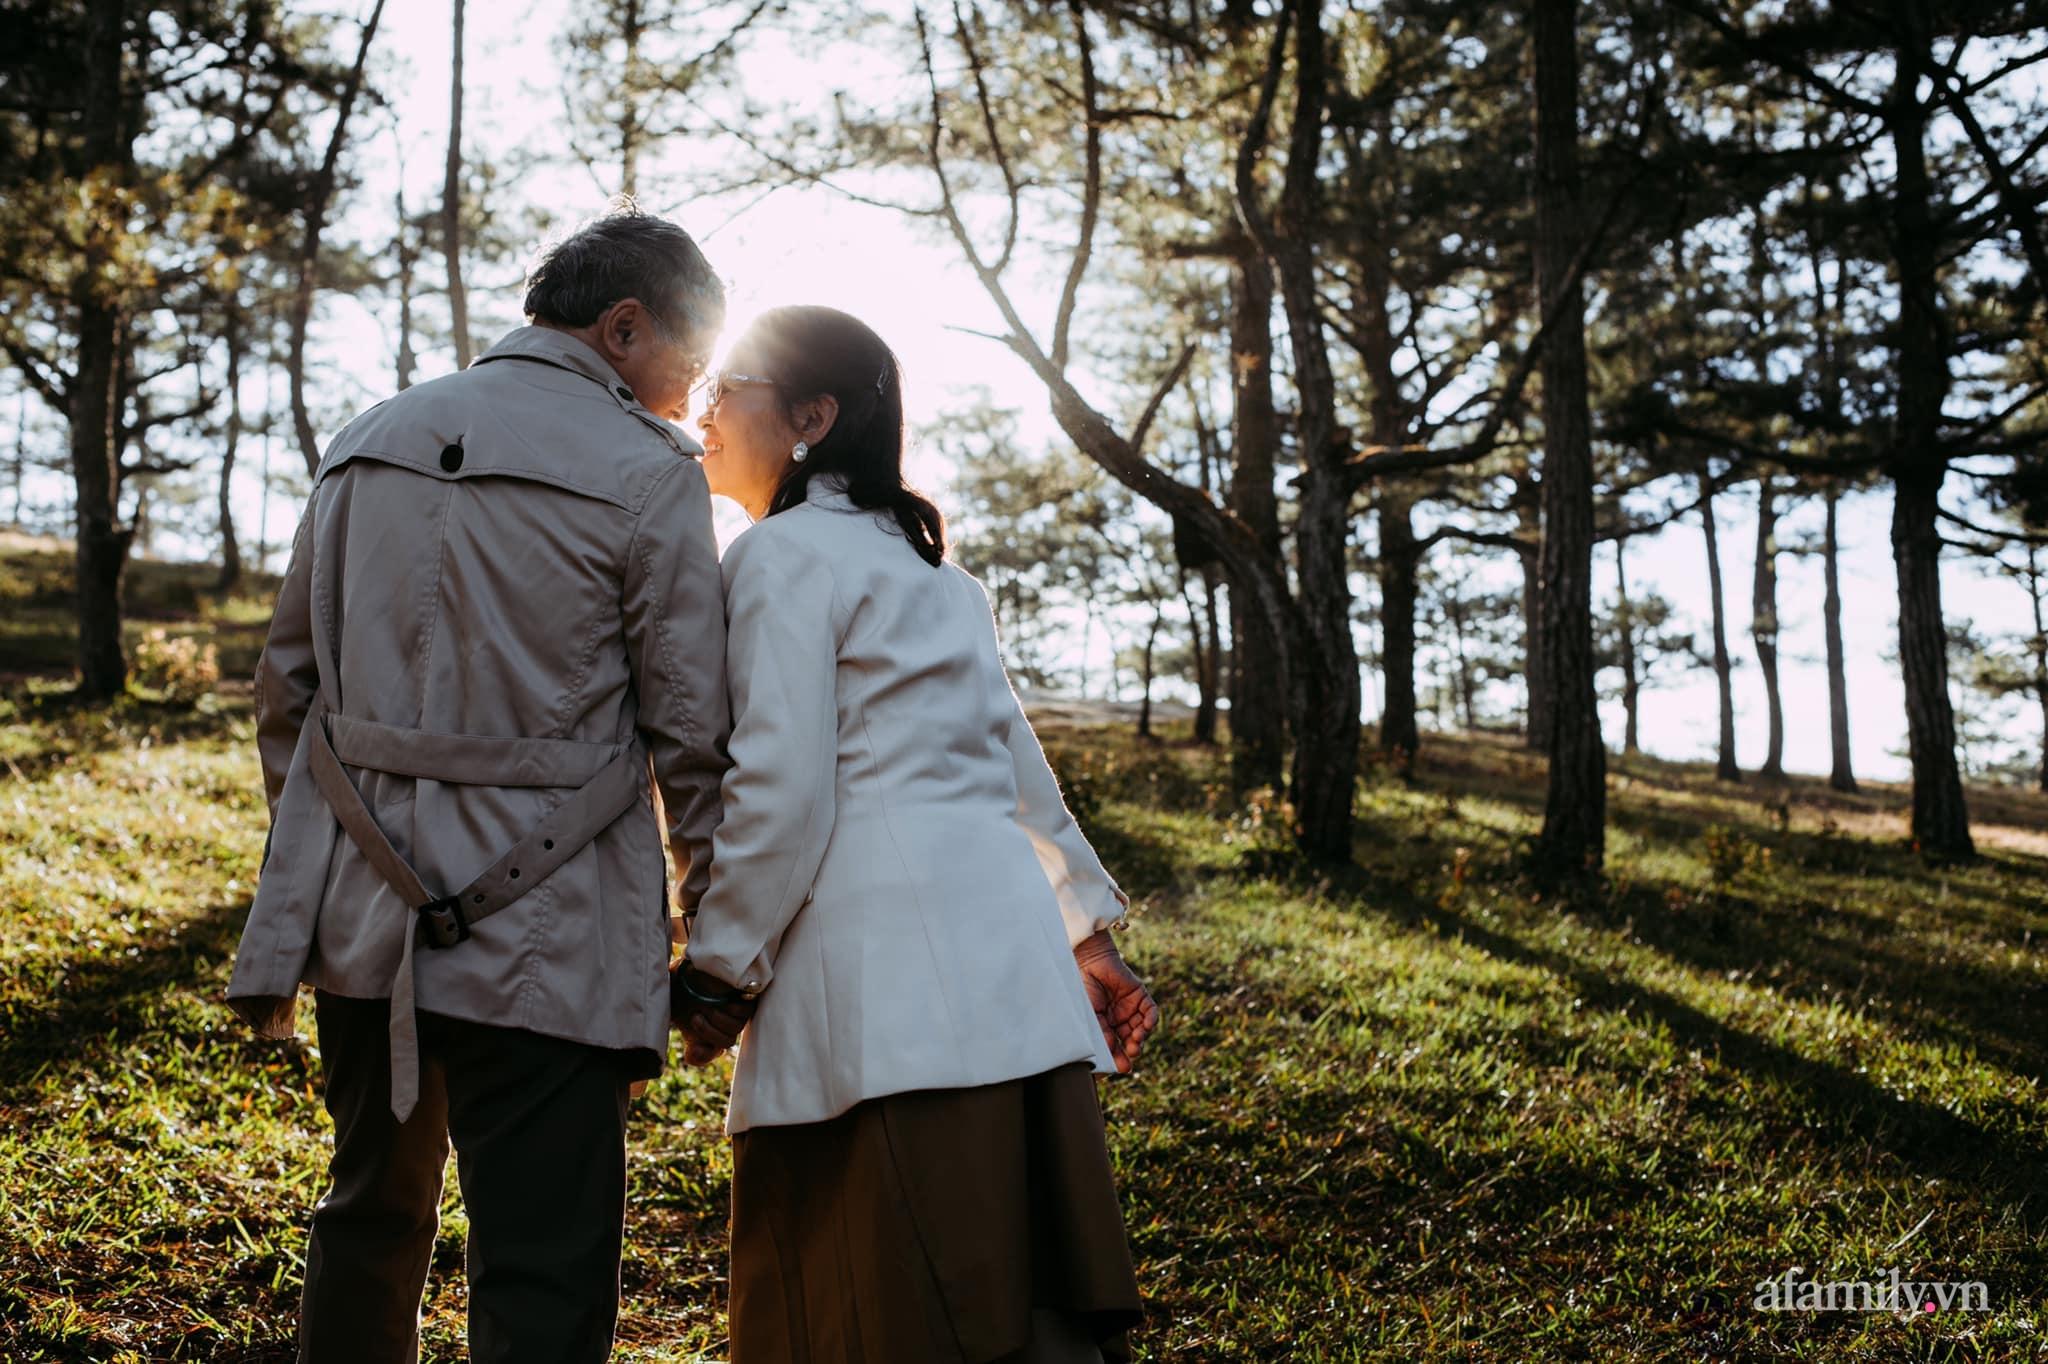 """Bộ ảnh kỉ niệm 47 năm ngày cưới càng ngắm càng thấy """"tình"""" của cặp đôi U80 tại Đà Lạt, khiến ai cũng ước ao có một tình yêu trọn đời ngát xanh - Ảnh 7."""